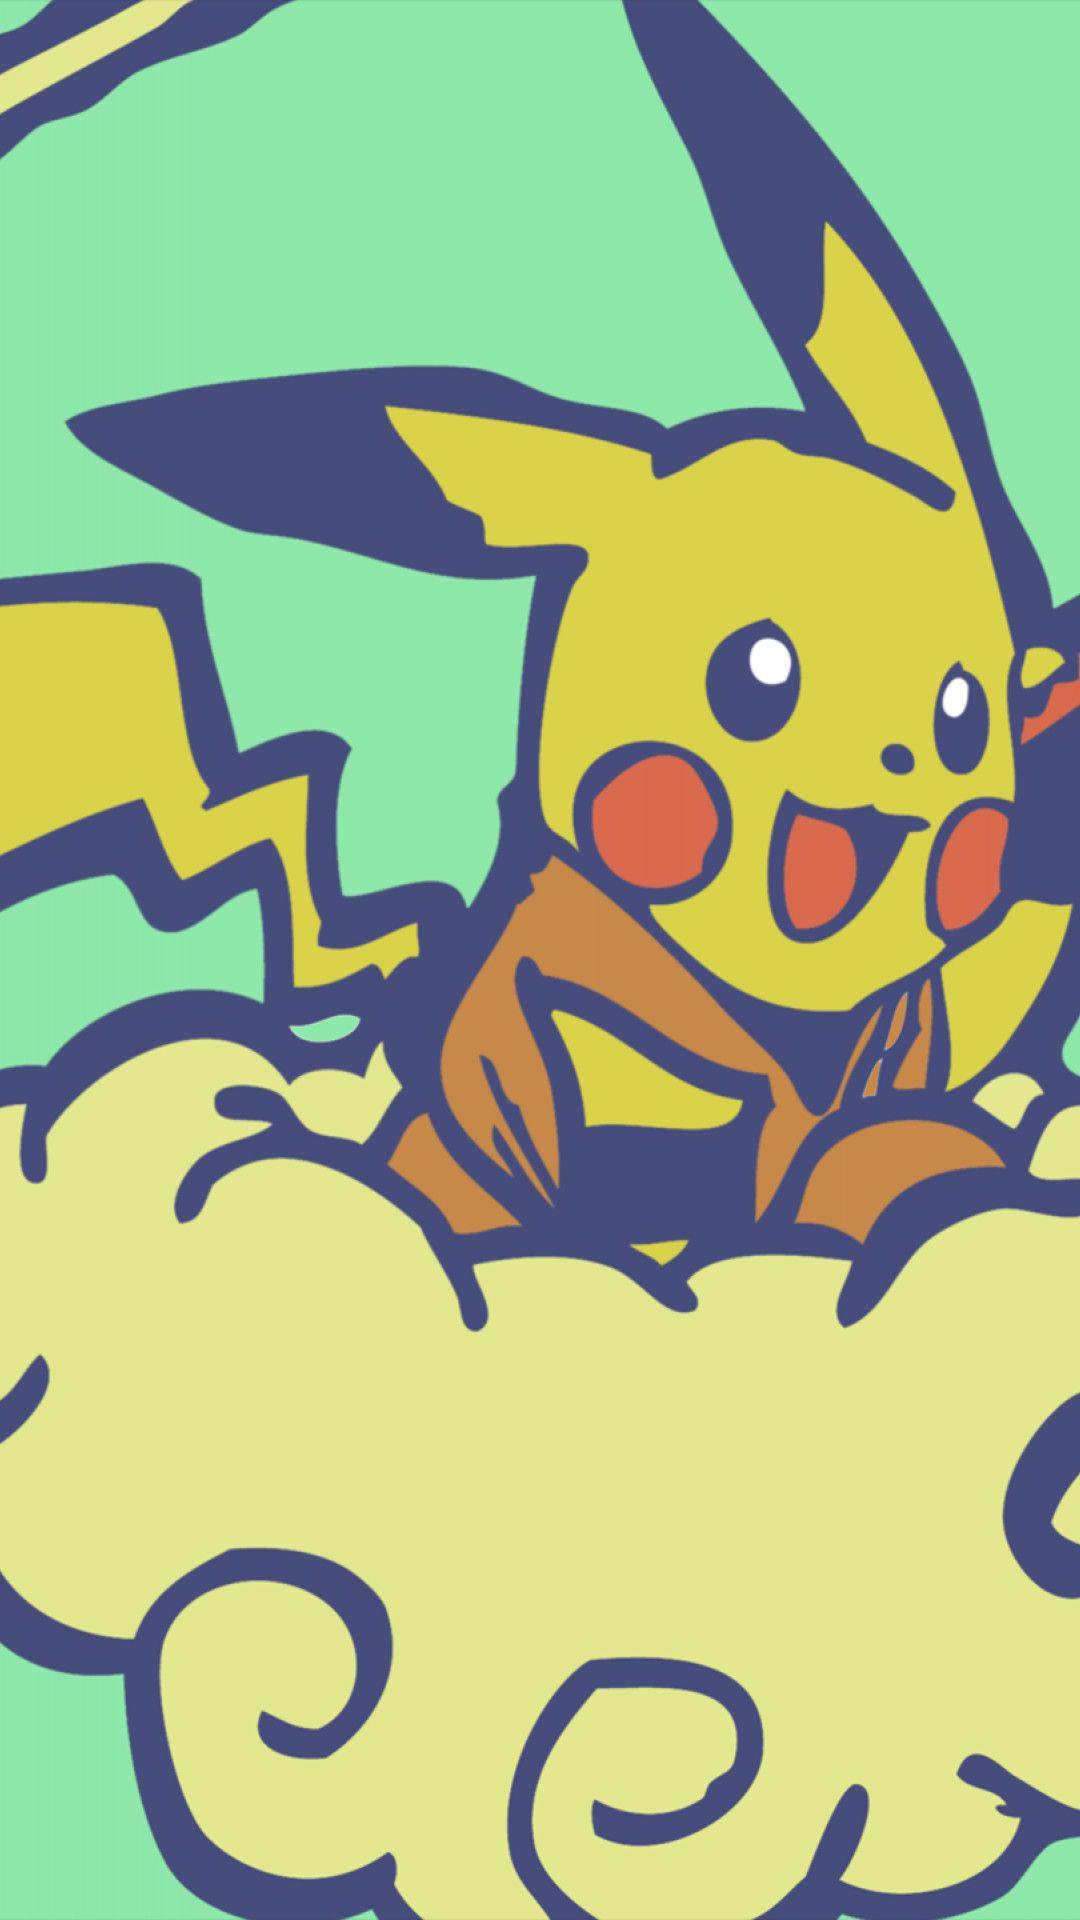 Pokemon Cool s9 wallpaper